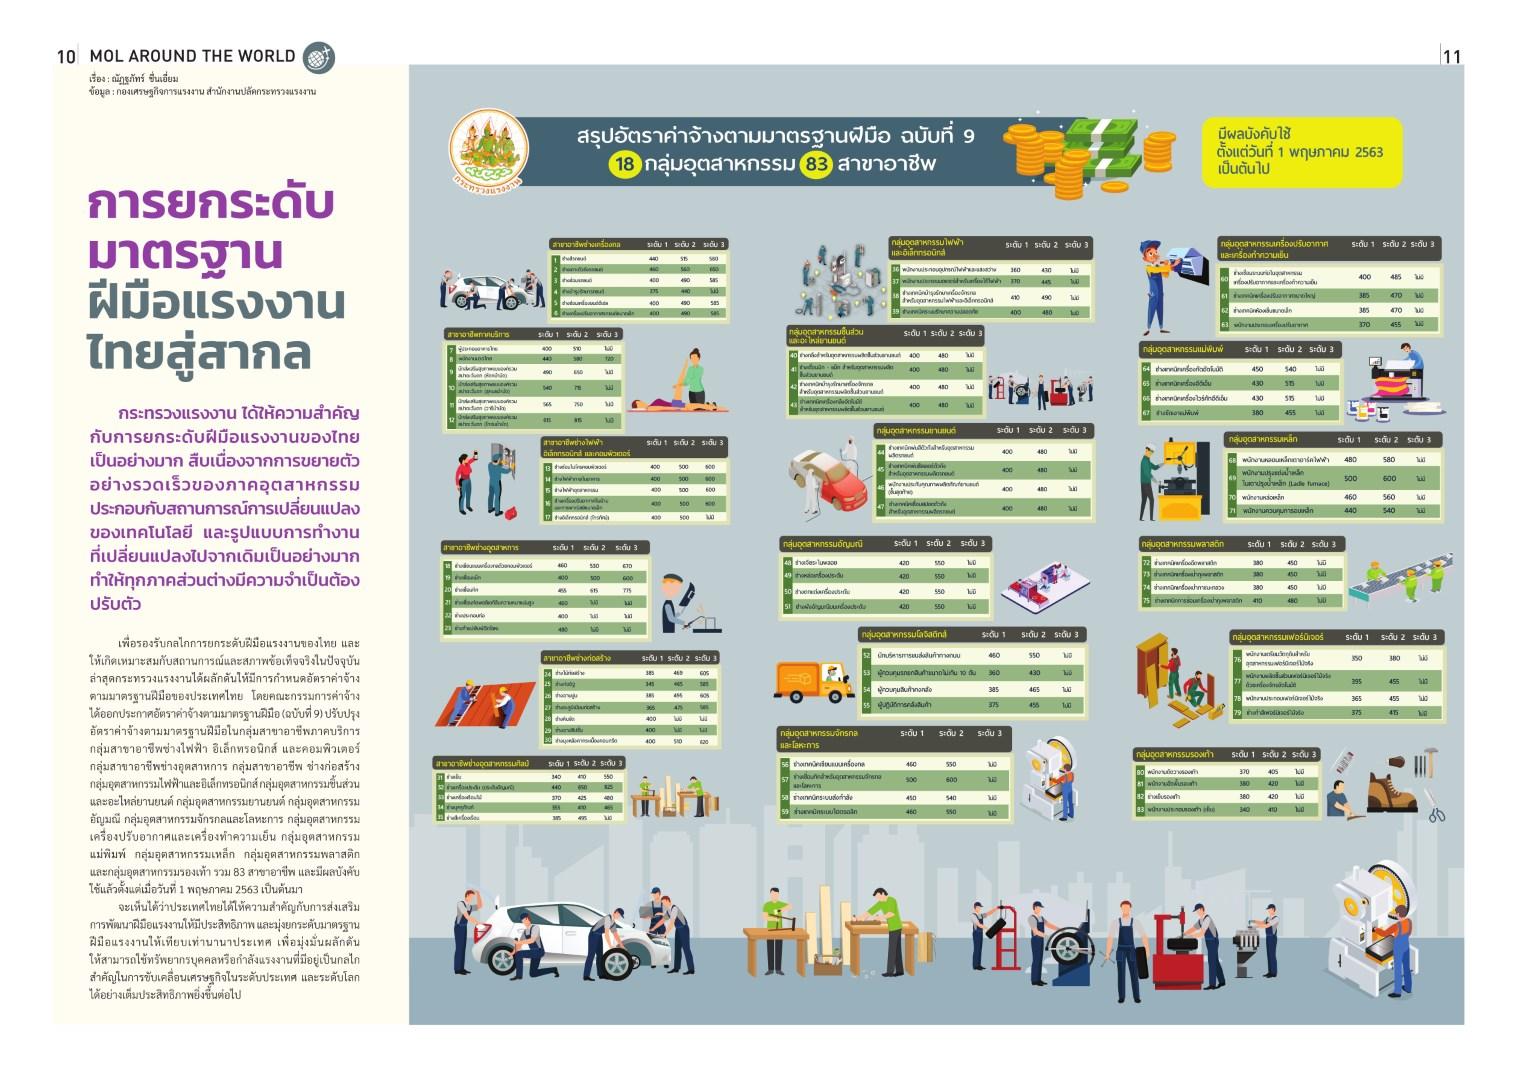 การยกระดับมาตรฐานฝีมือแรงงานไทยสู่สากล